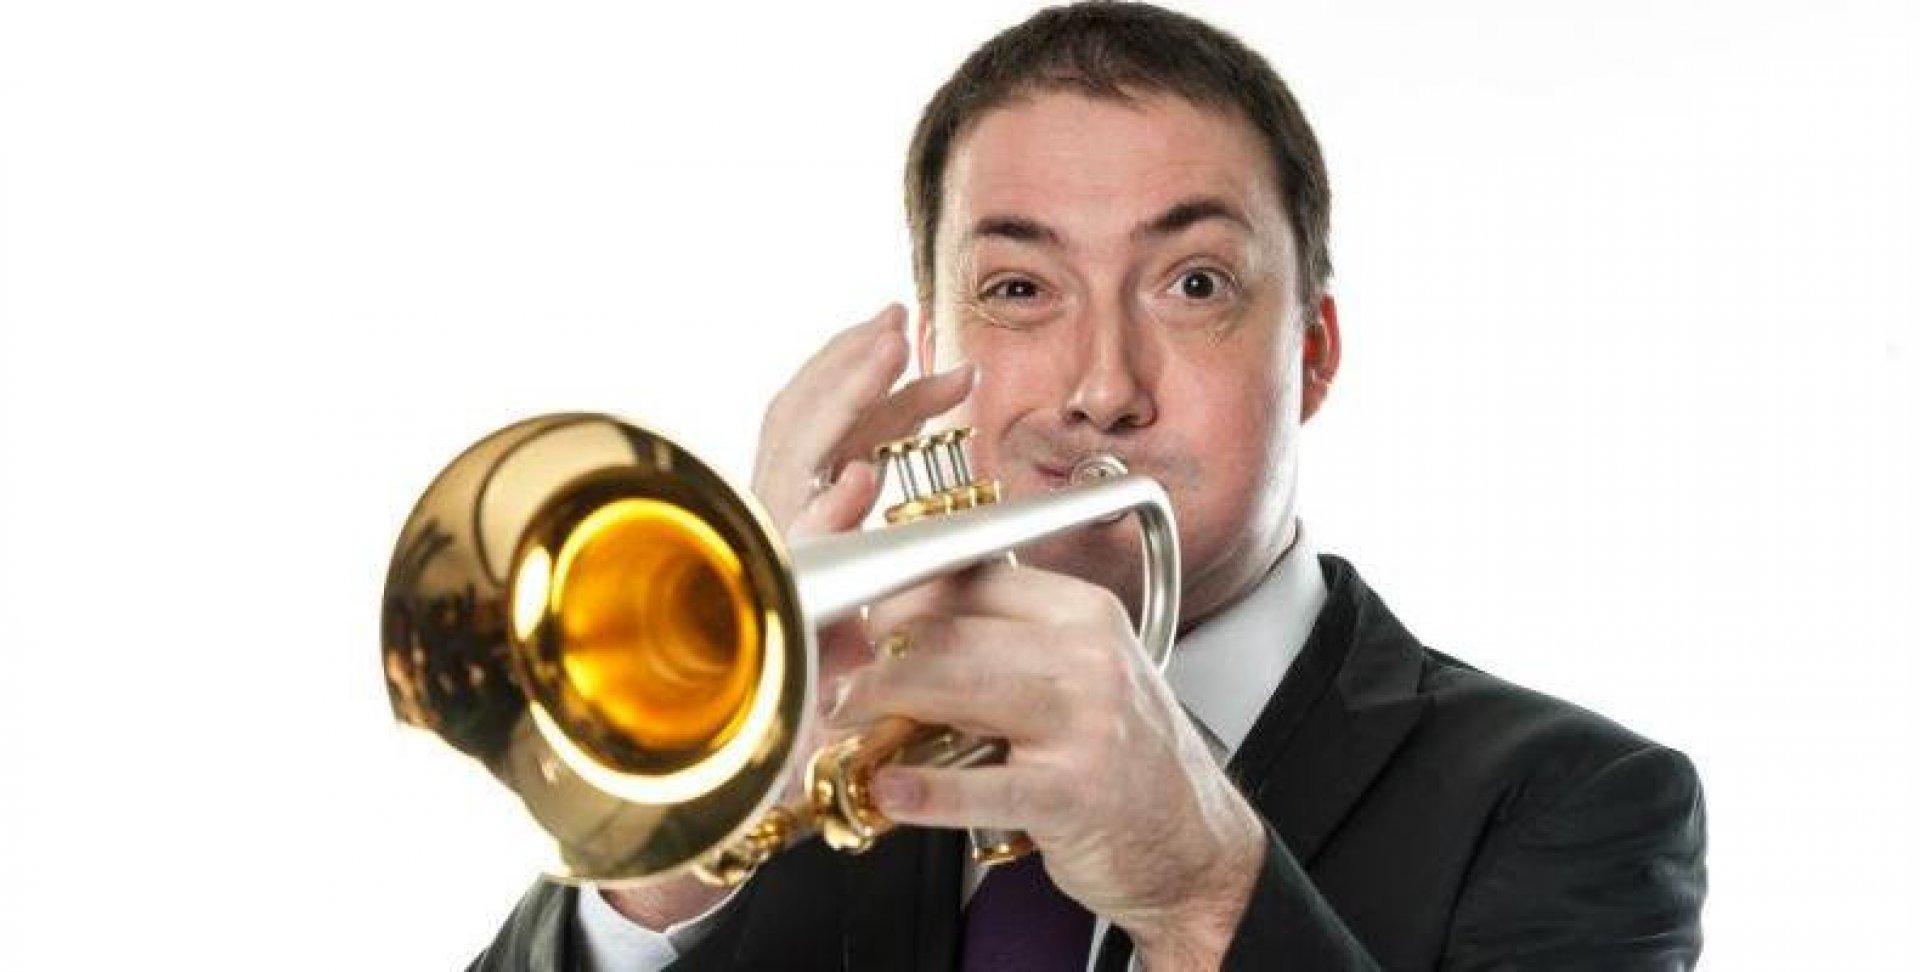 Михаил Йосифов ще свири на музикалното събитие в Приморец